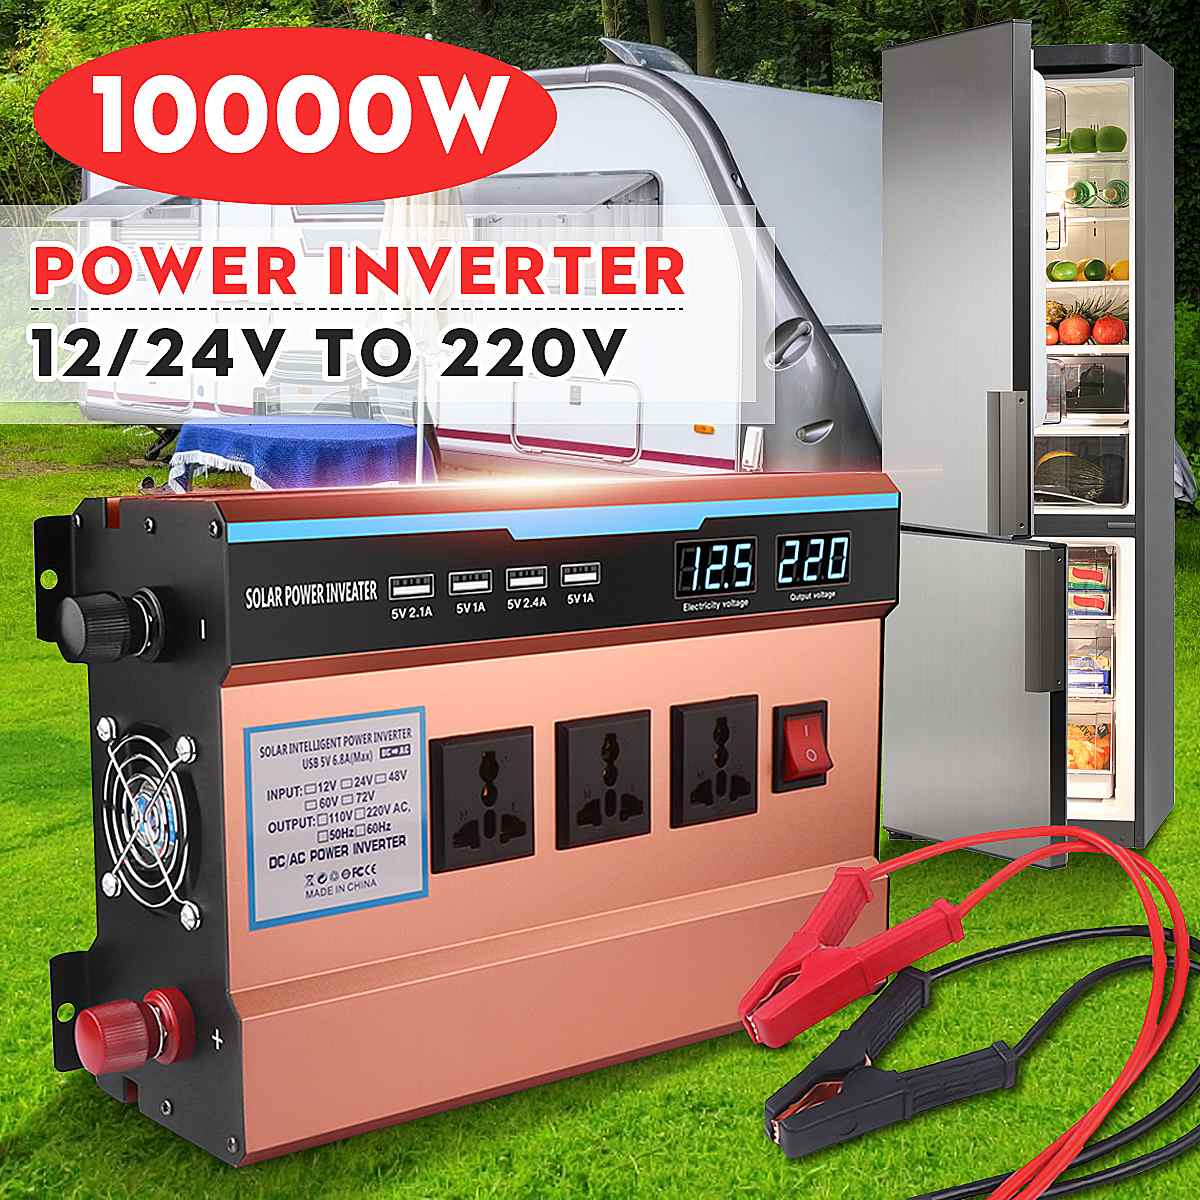 inversor solar 12v 24v para 220v 10000w casa carregador de potencia do carro inversor transformador tensao